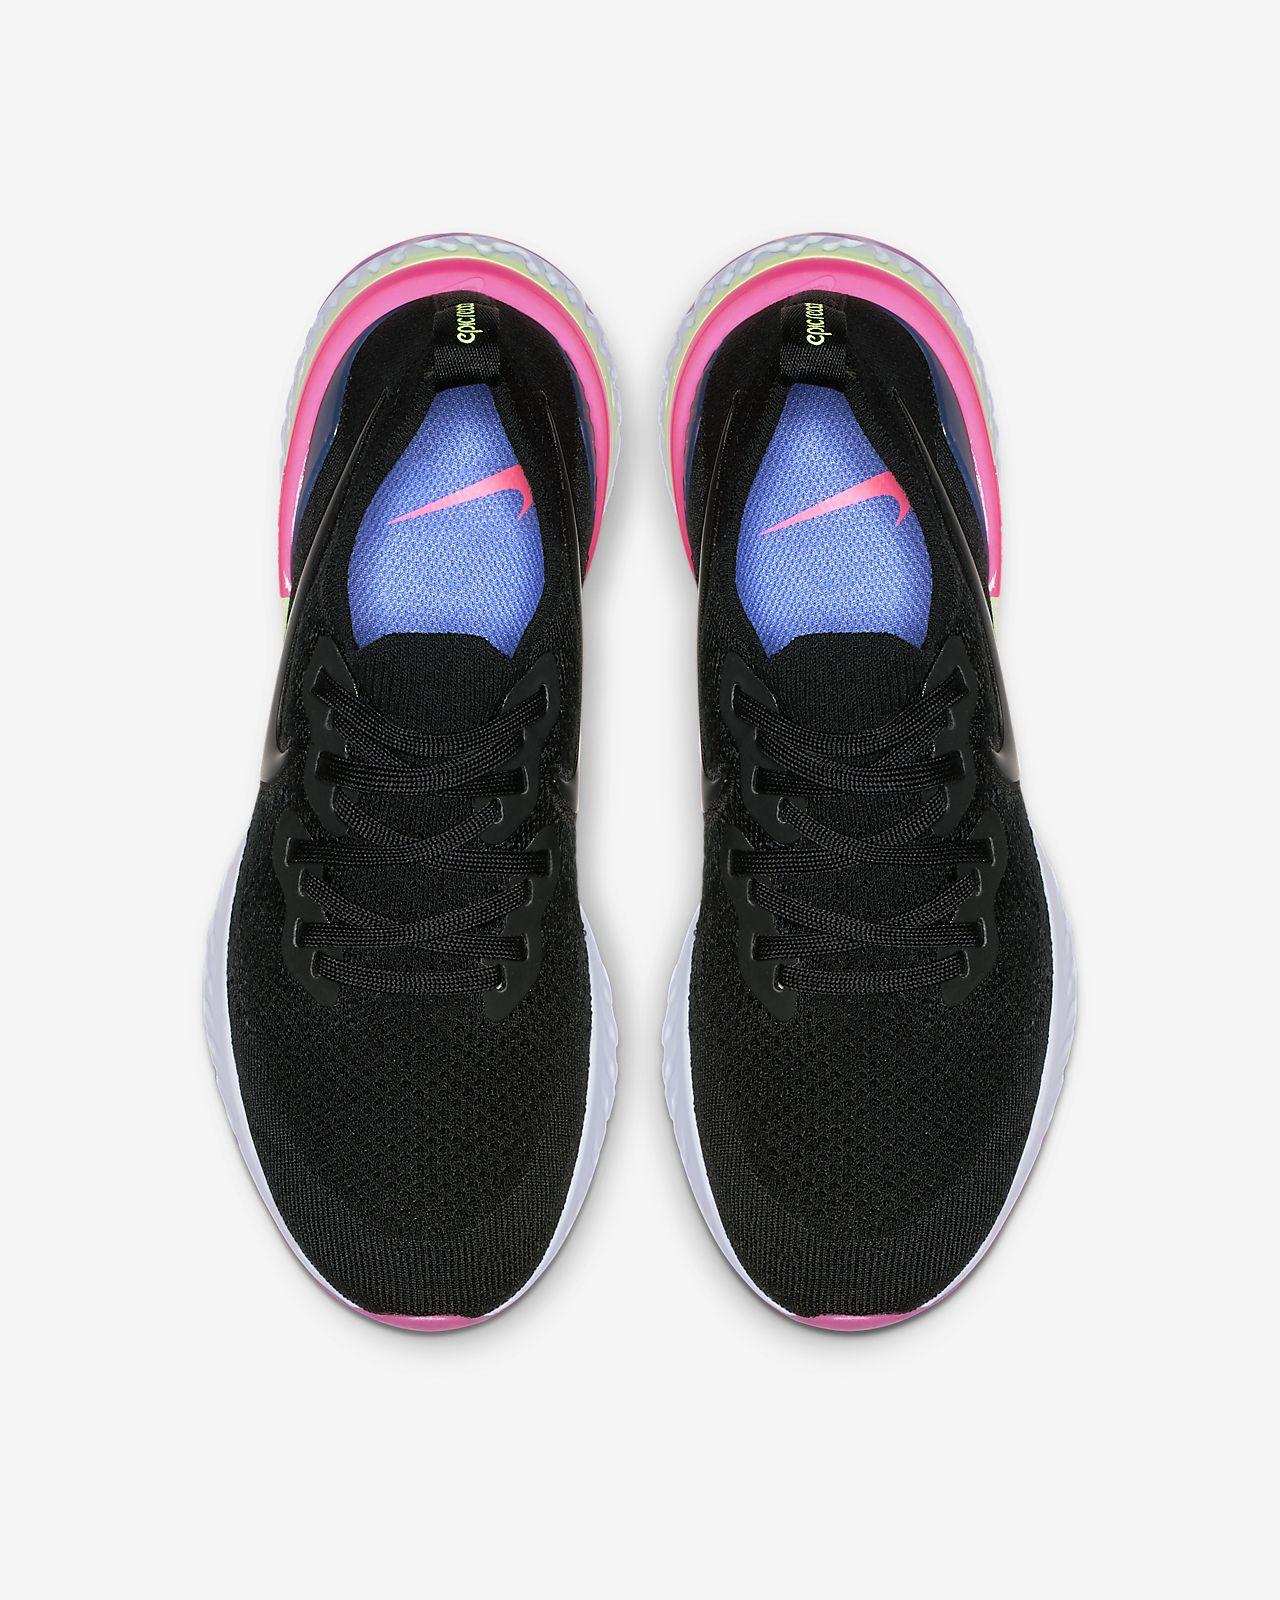 a6757e6323b05 Nike Epic React Flyknit 2 Women s Running Shoe. Nike.com